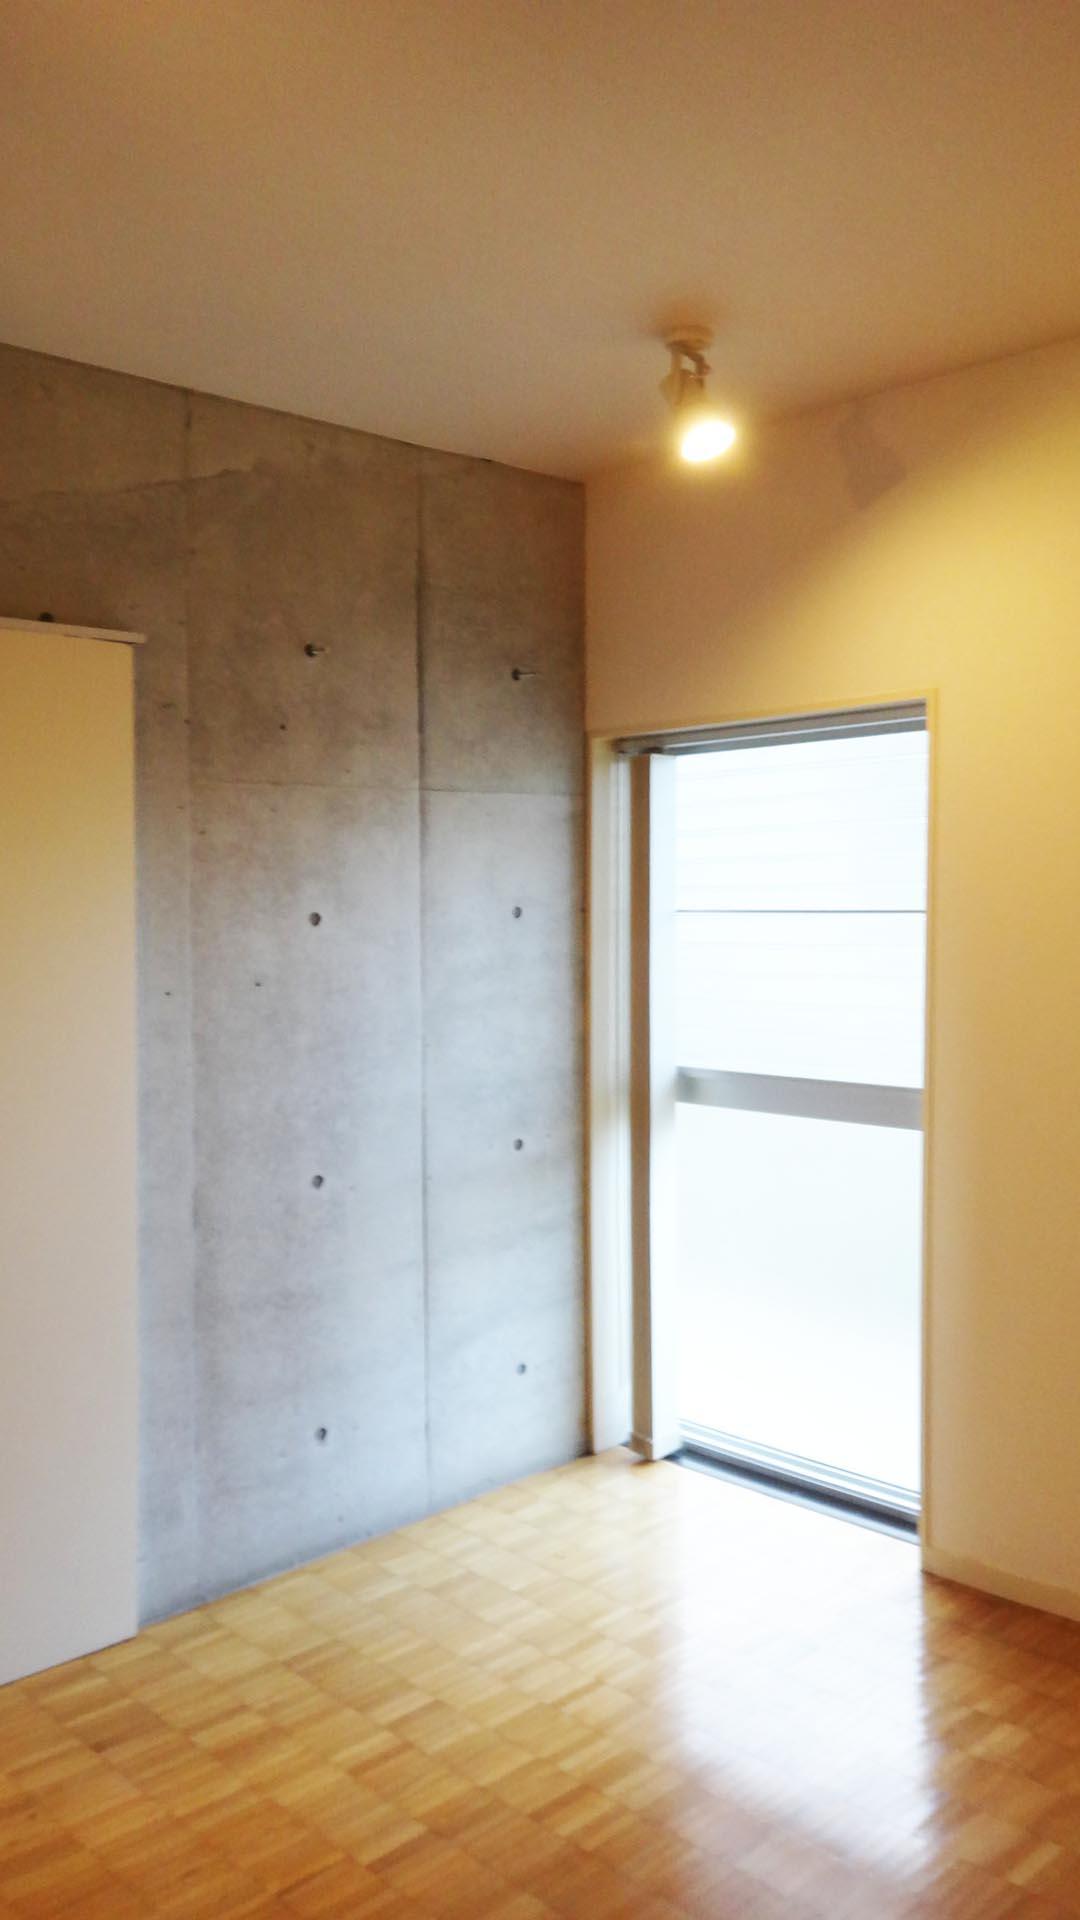 玄関横の収納床からの窓から光が入ってきます。